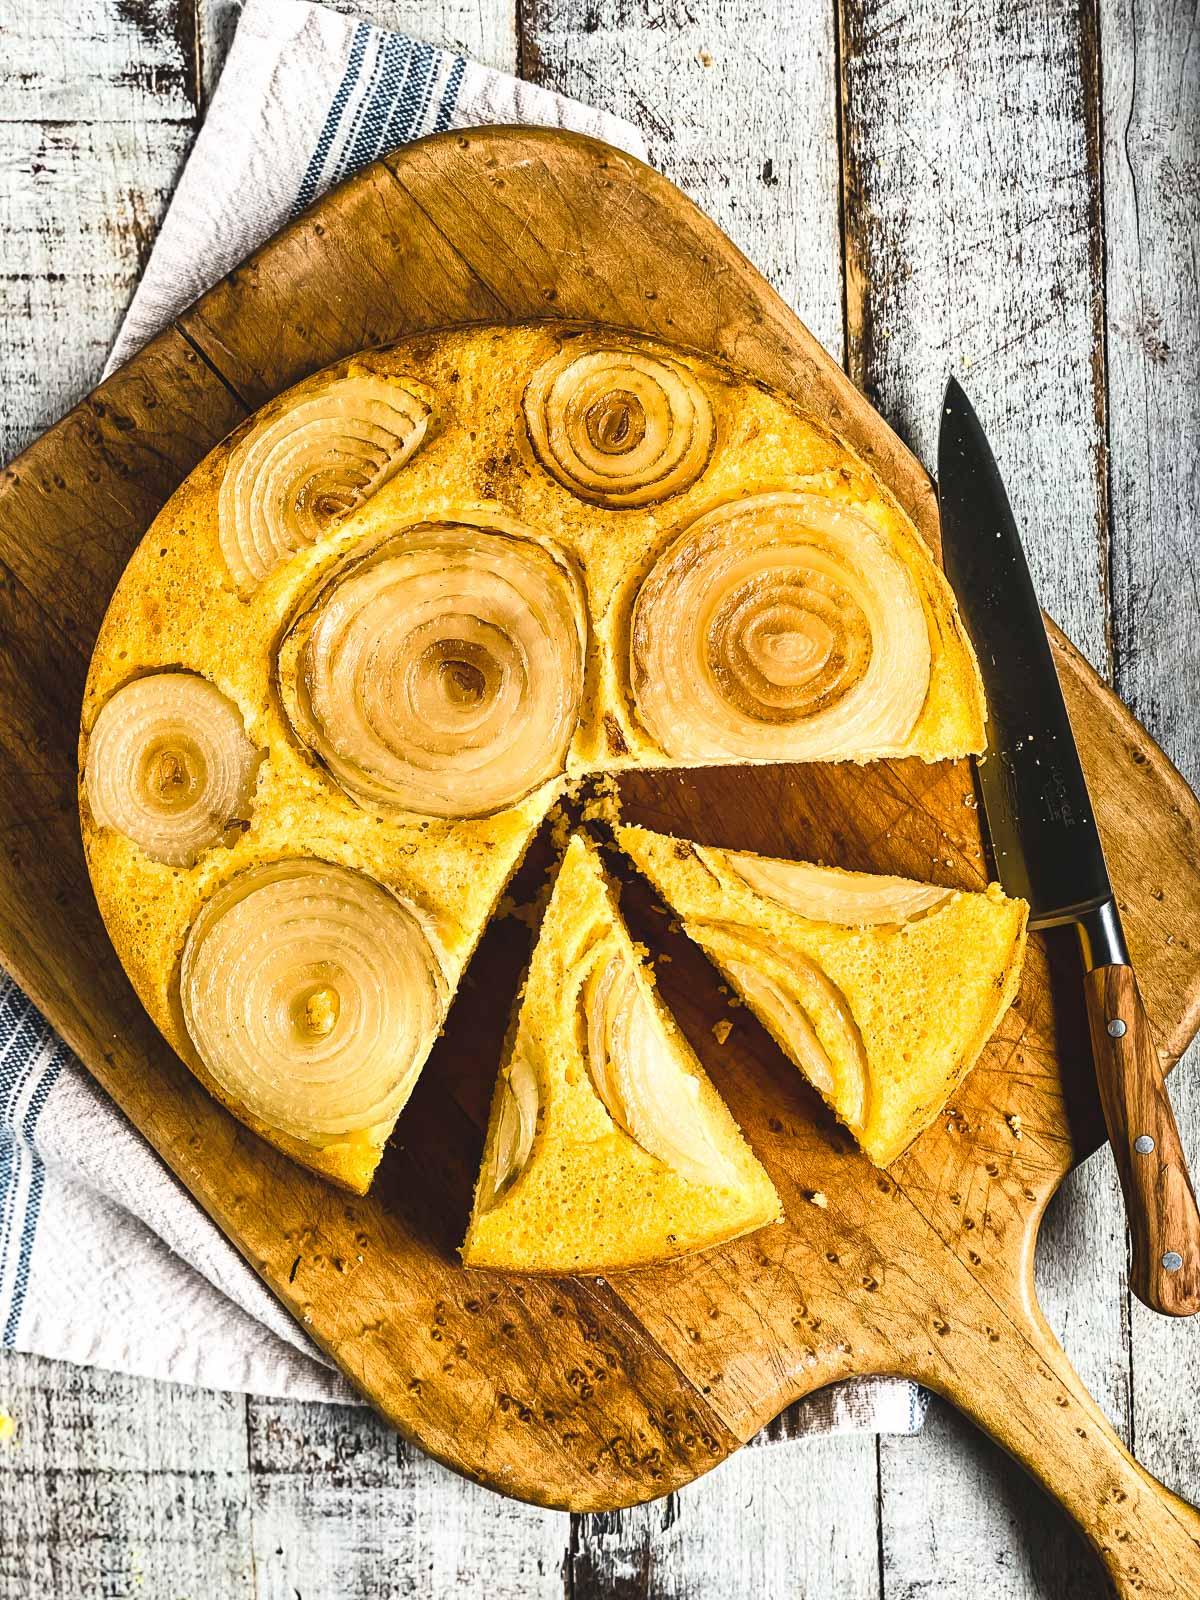 Vidalia onion cornbread on a cutting board